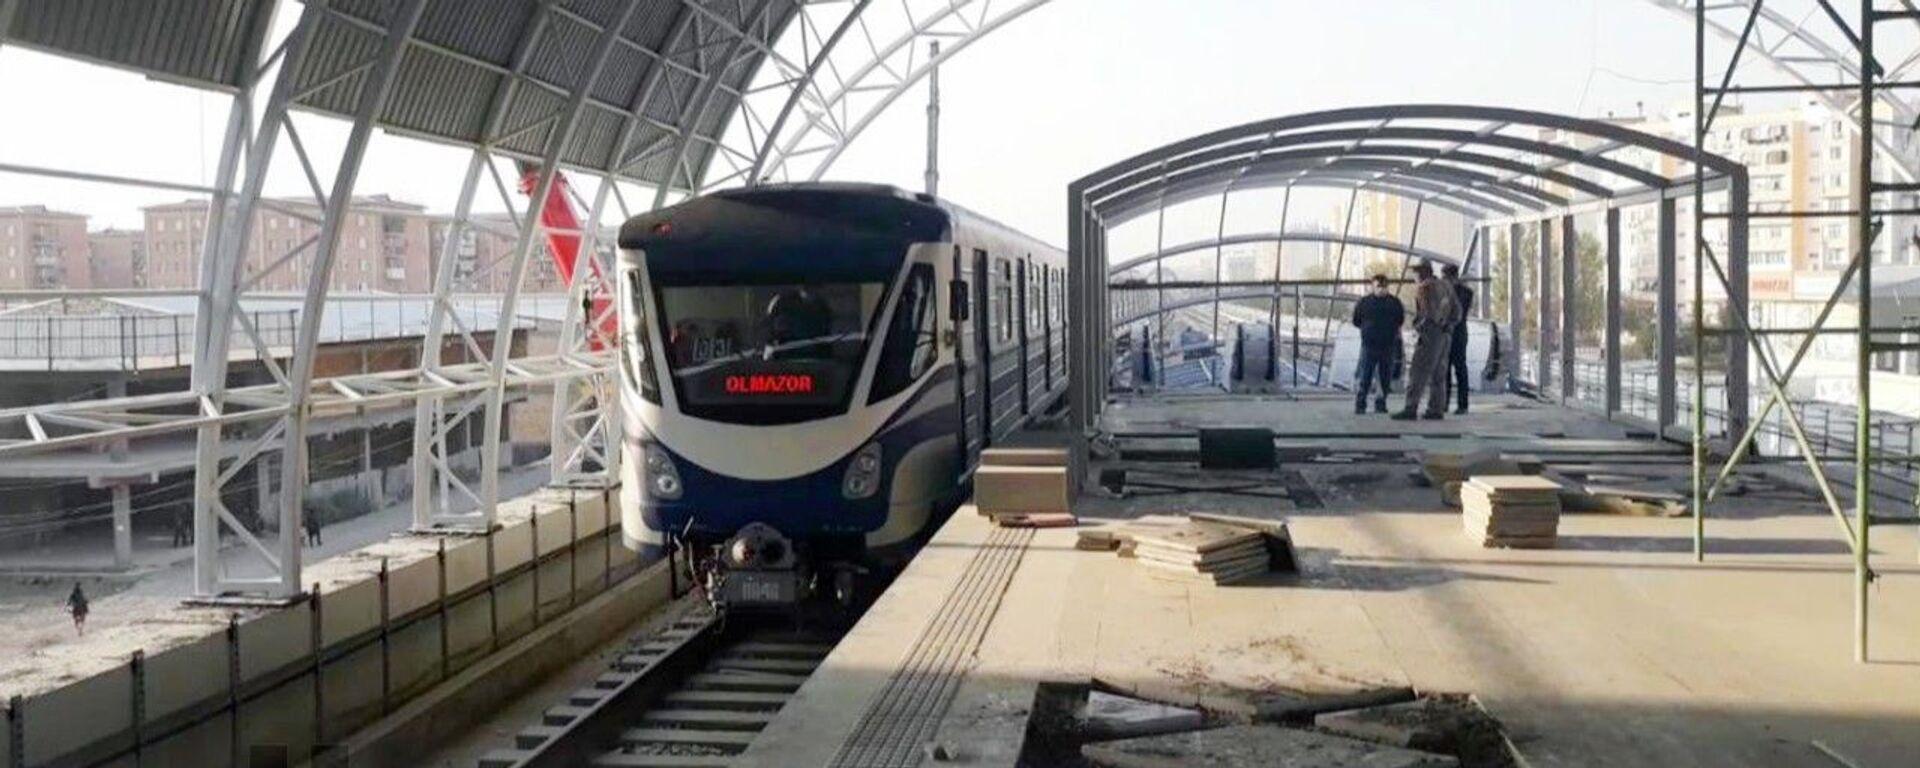 Состоялся тестовый запуск поезда на Сергелийской линии метро - Sputnik Узбекистан, 1920, 06.07.2021